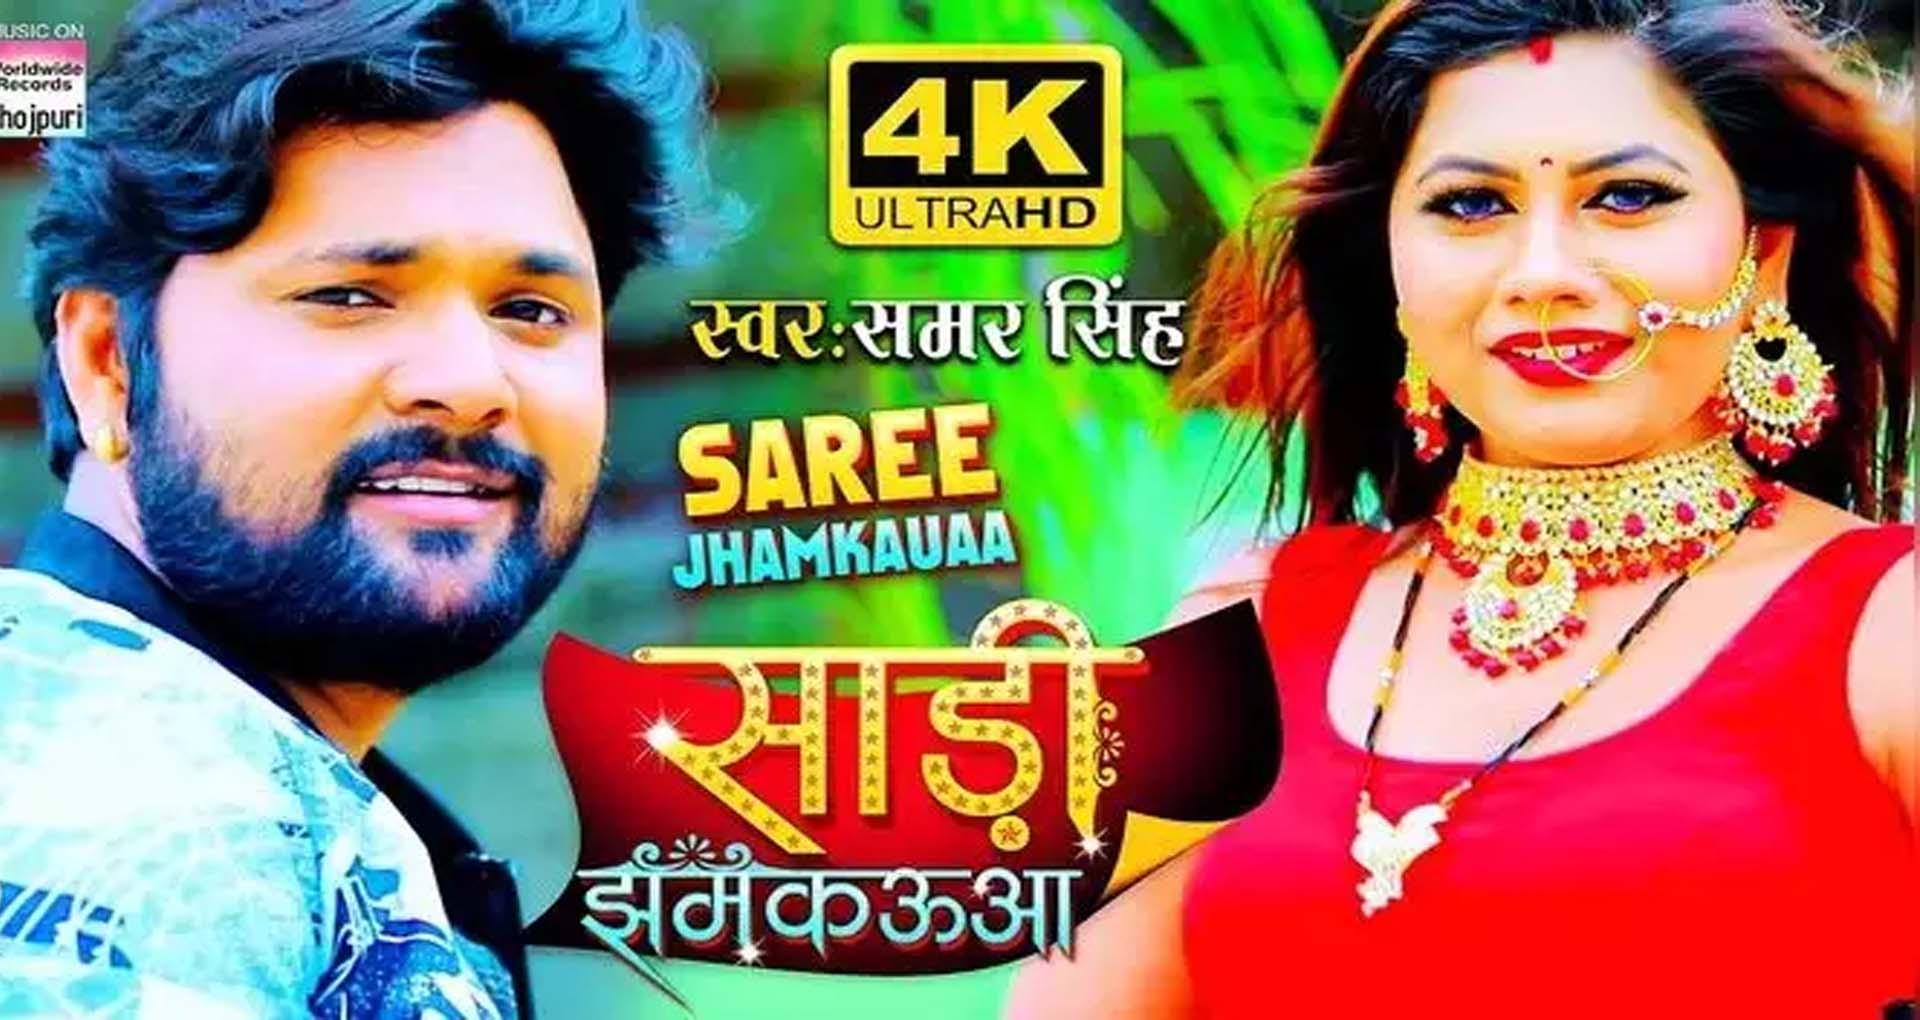 Samar Singh Video Song: समर सिंह का भोजपुरी गाना 'साड़ी झमकऊआ' मचा रहा है धमाल, देखें वीडियो